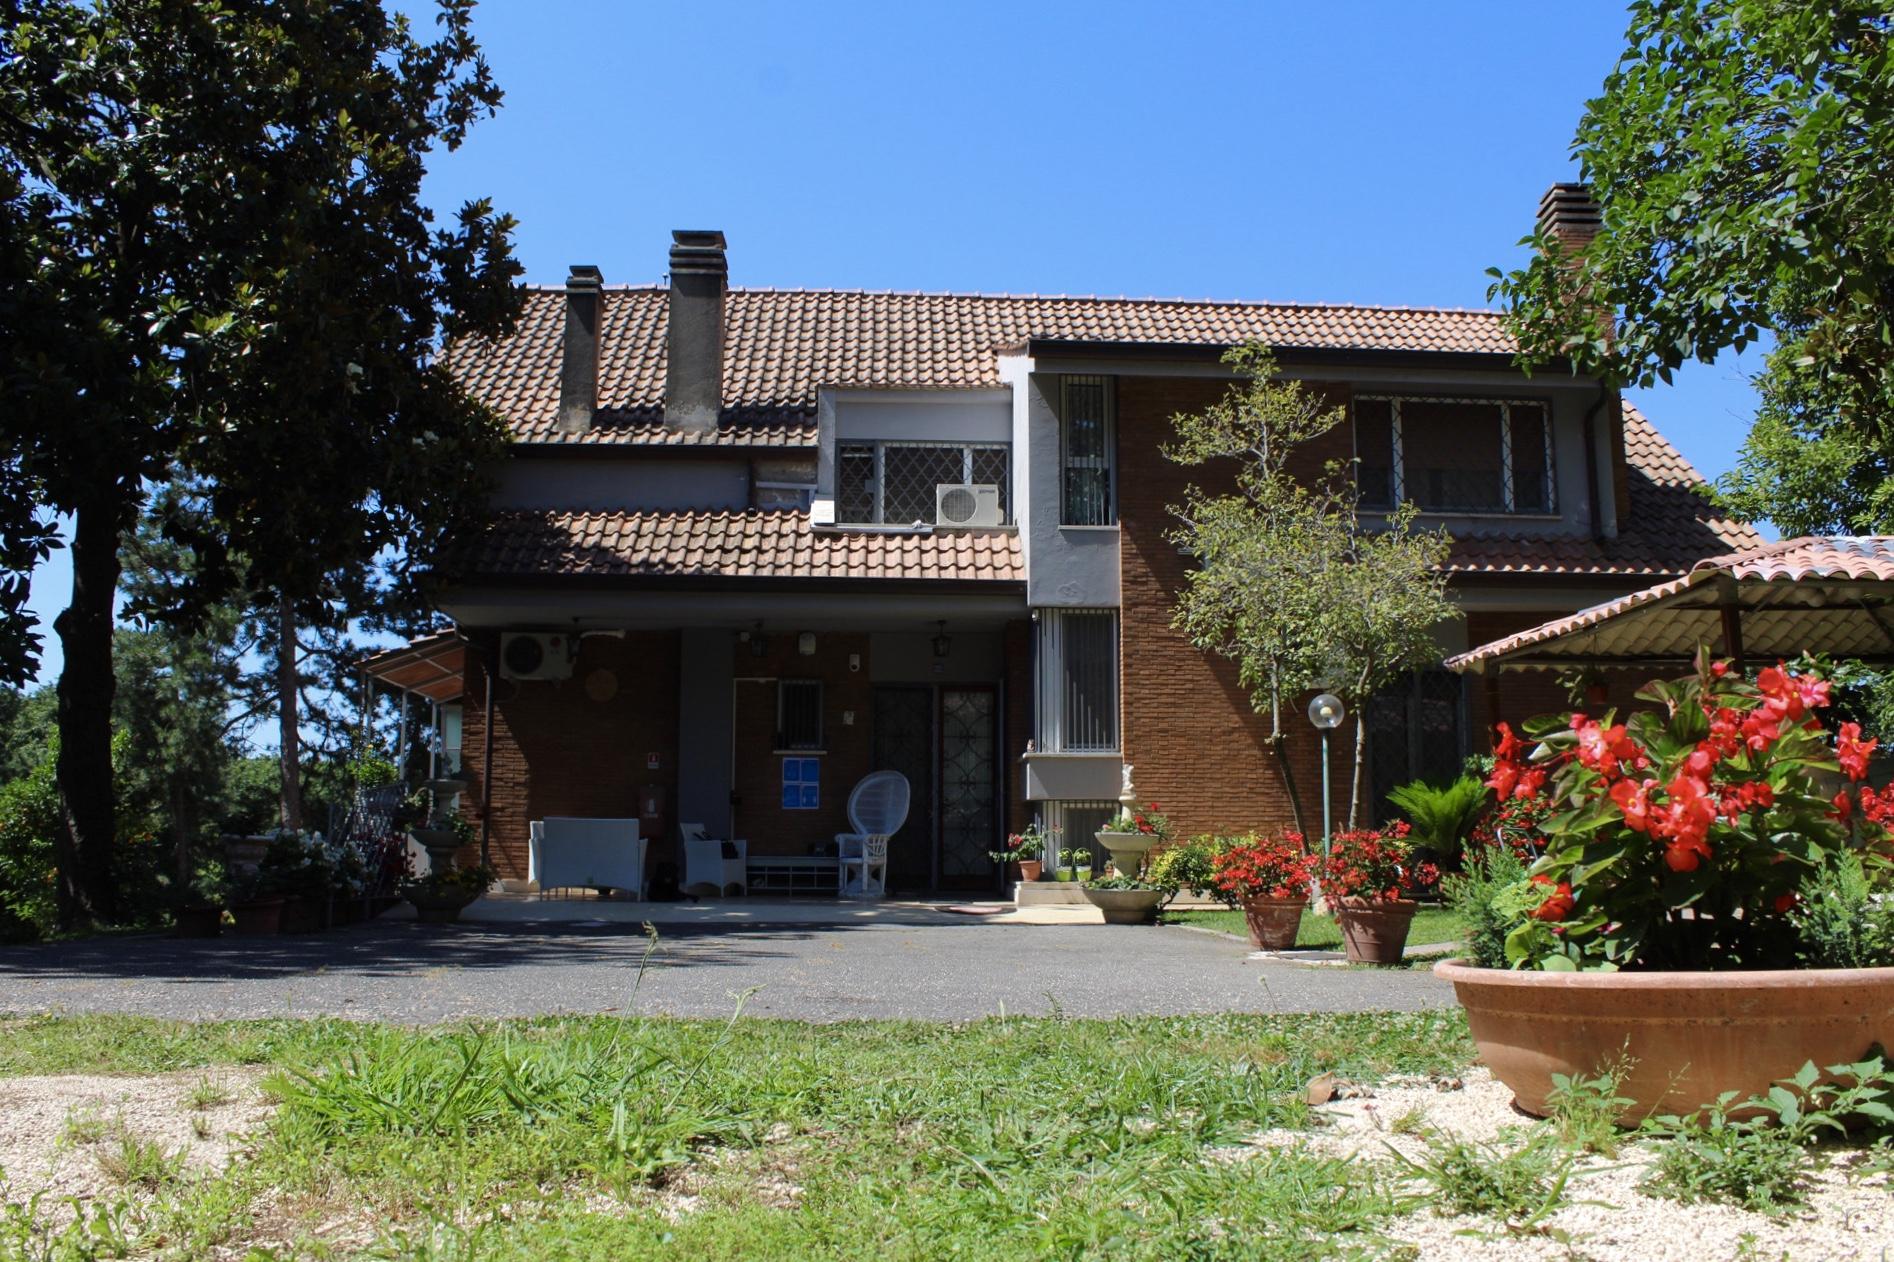 residenza-per-anziani-casa-di-riposo-villa-gaia-grottaferrata-roma-castelli-romani